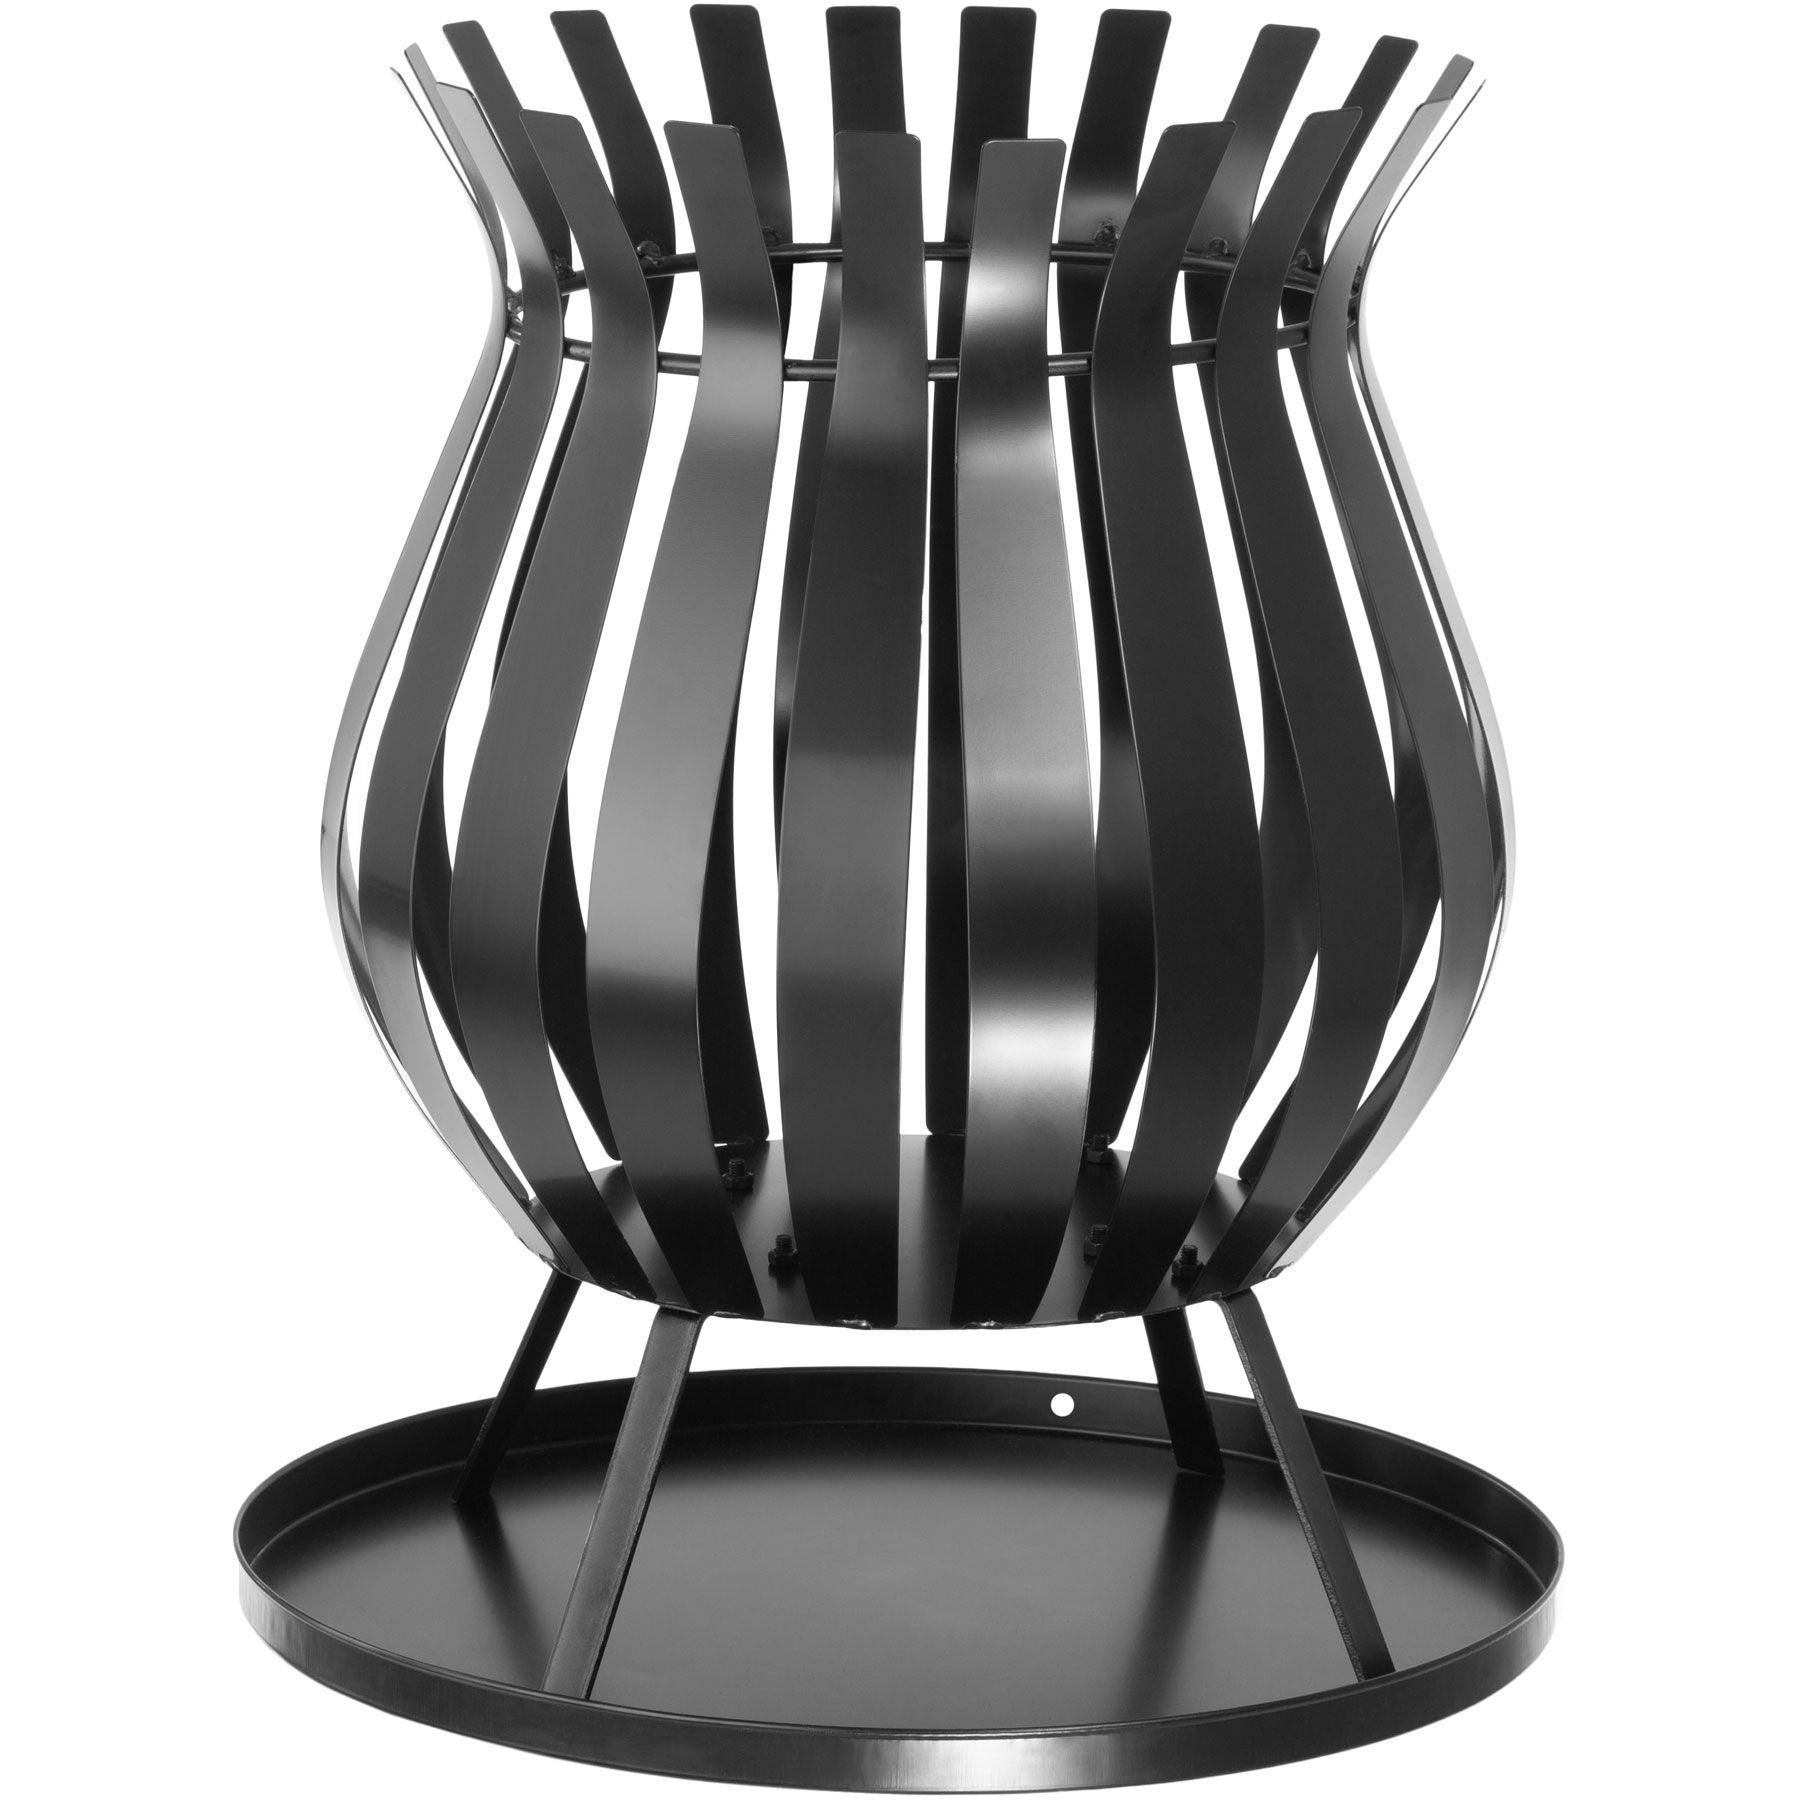 Brasero À L Éthanol détails sur brasero de jardin terrasse barbecue grill chauffage extérieur  en acier noir